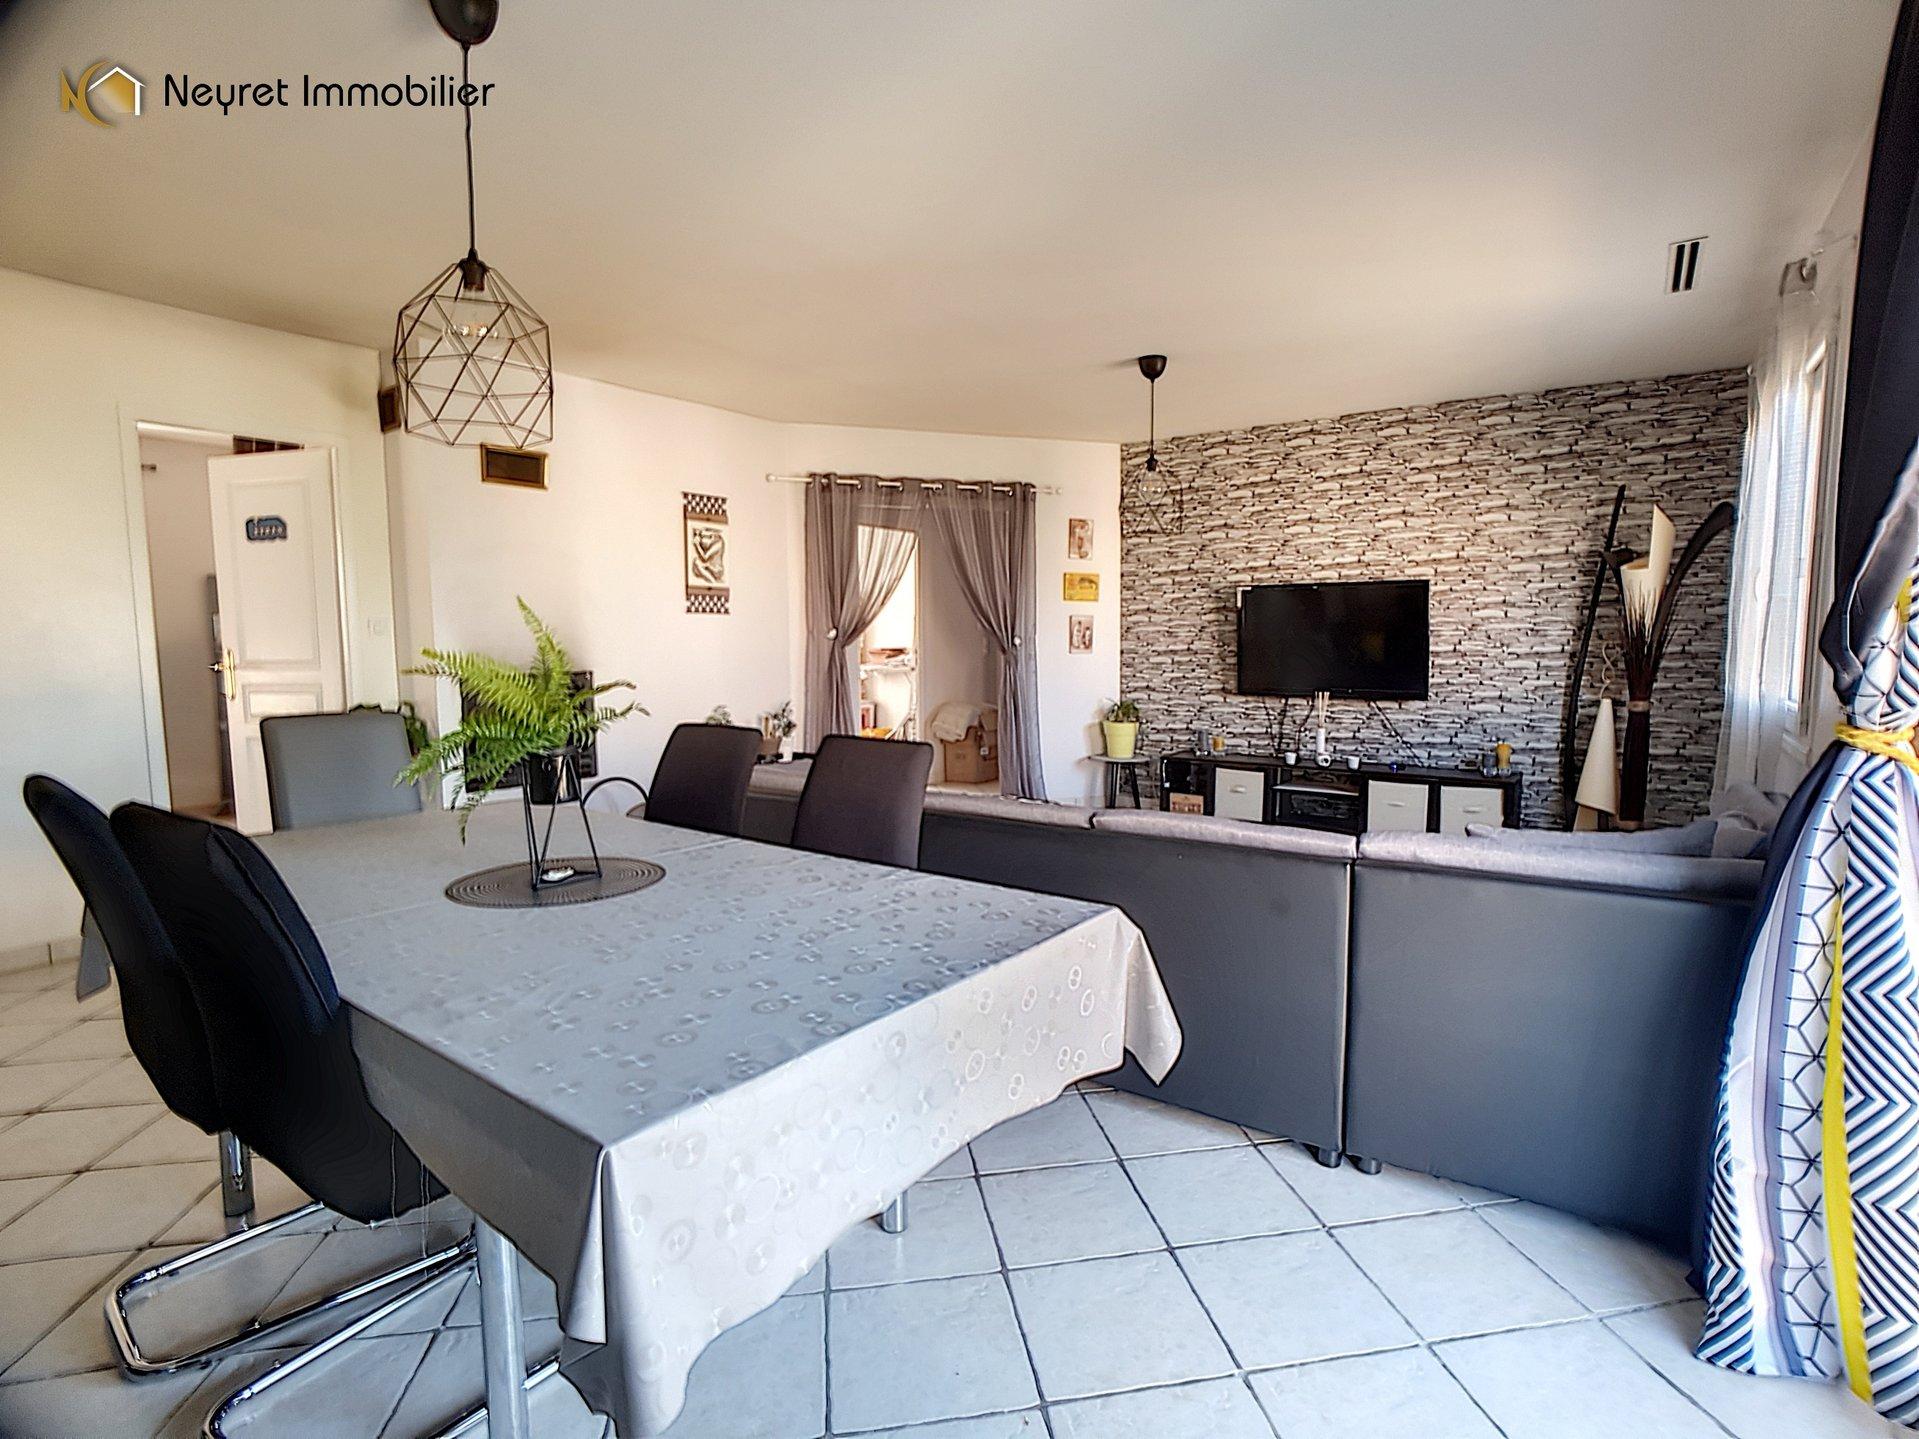 Maison individuelle de 100 m2  et entre-sol complet